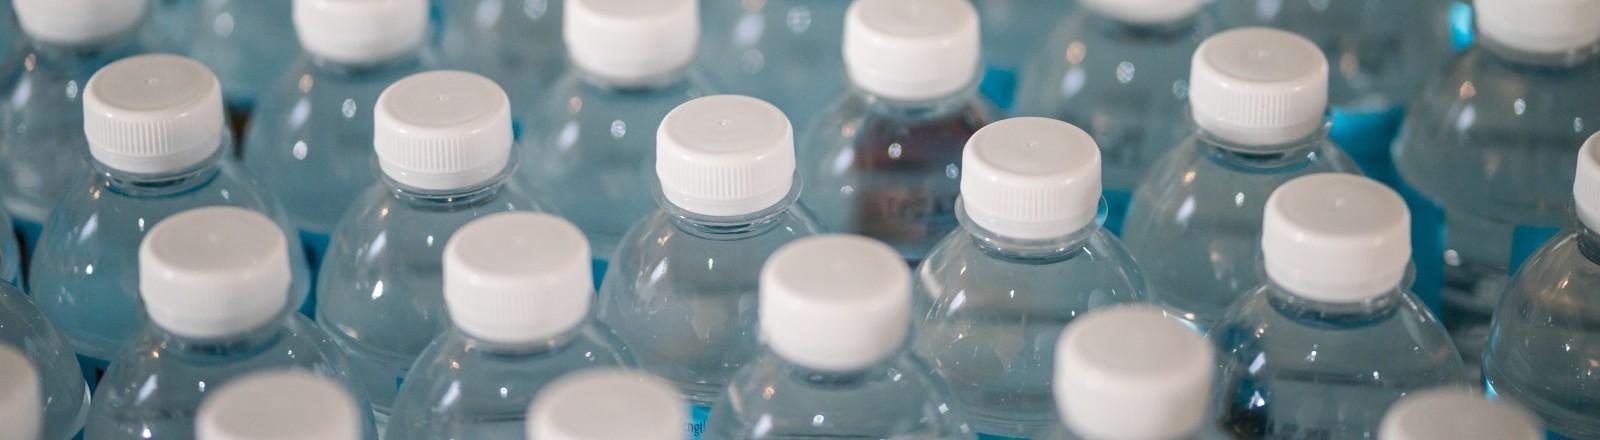 Viele Plastikflaschen von oben.